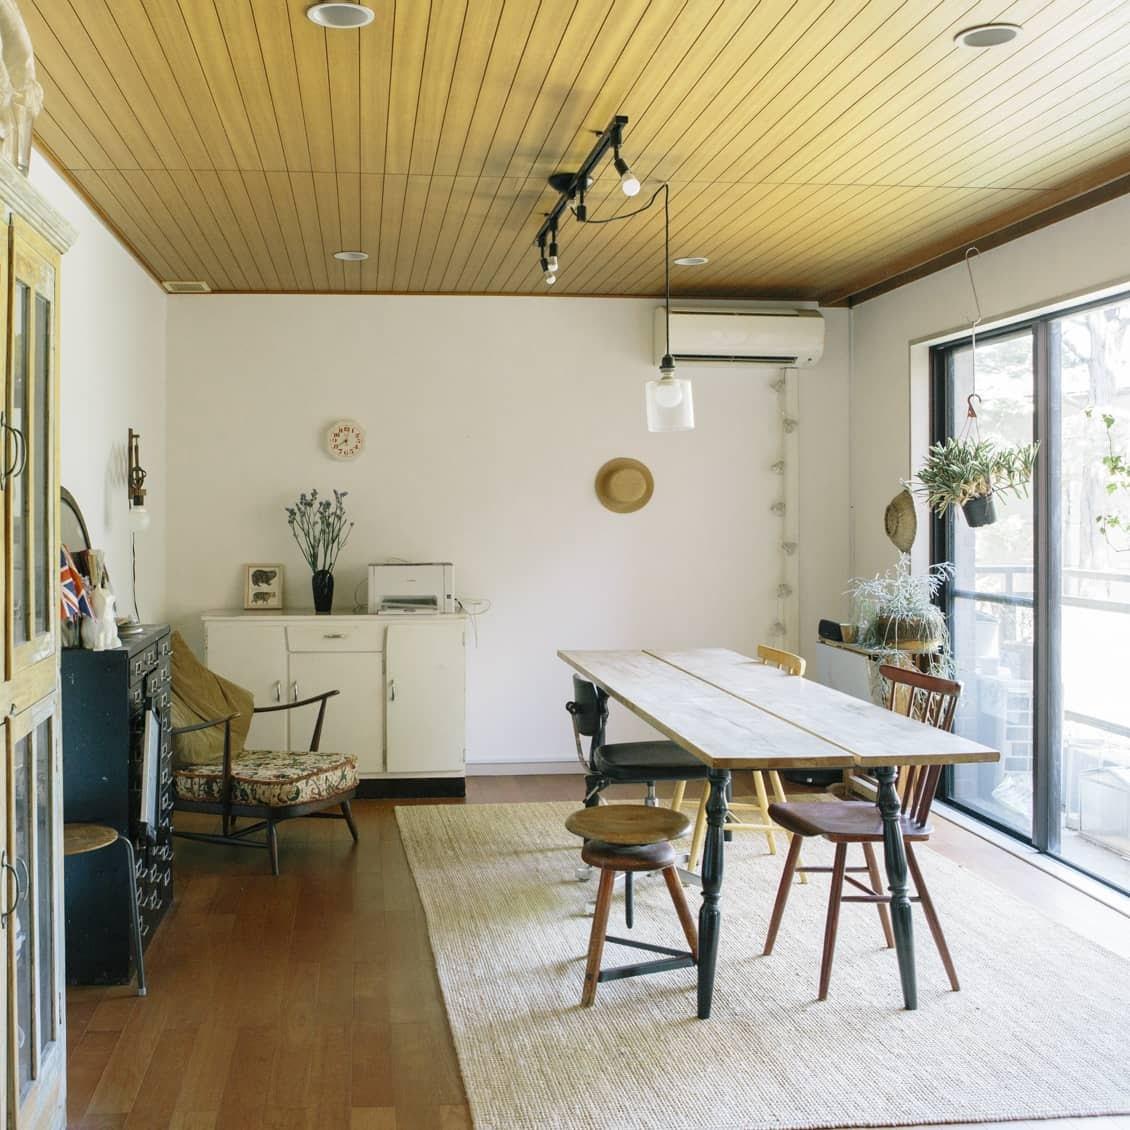 【訪ねたい部屋】第1話:築40年の賃貸マンション。簡単DIYで、あこがれのインテリアを実現。